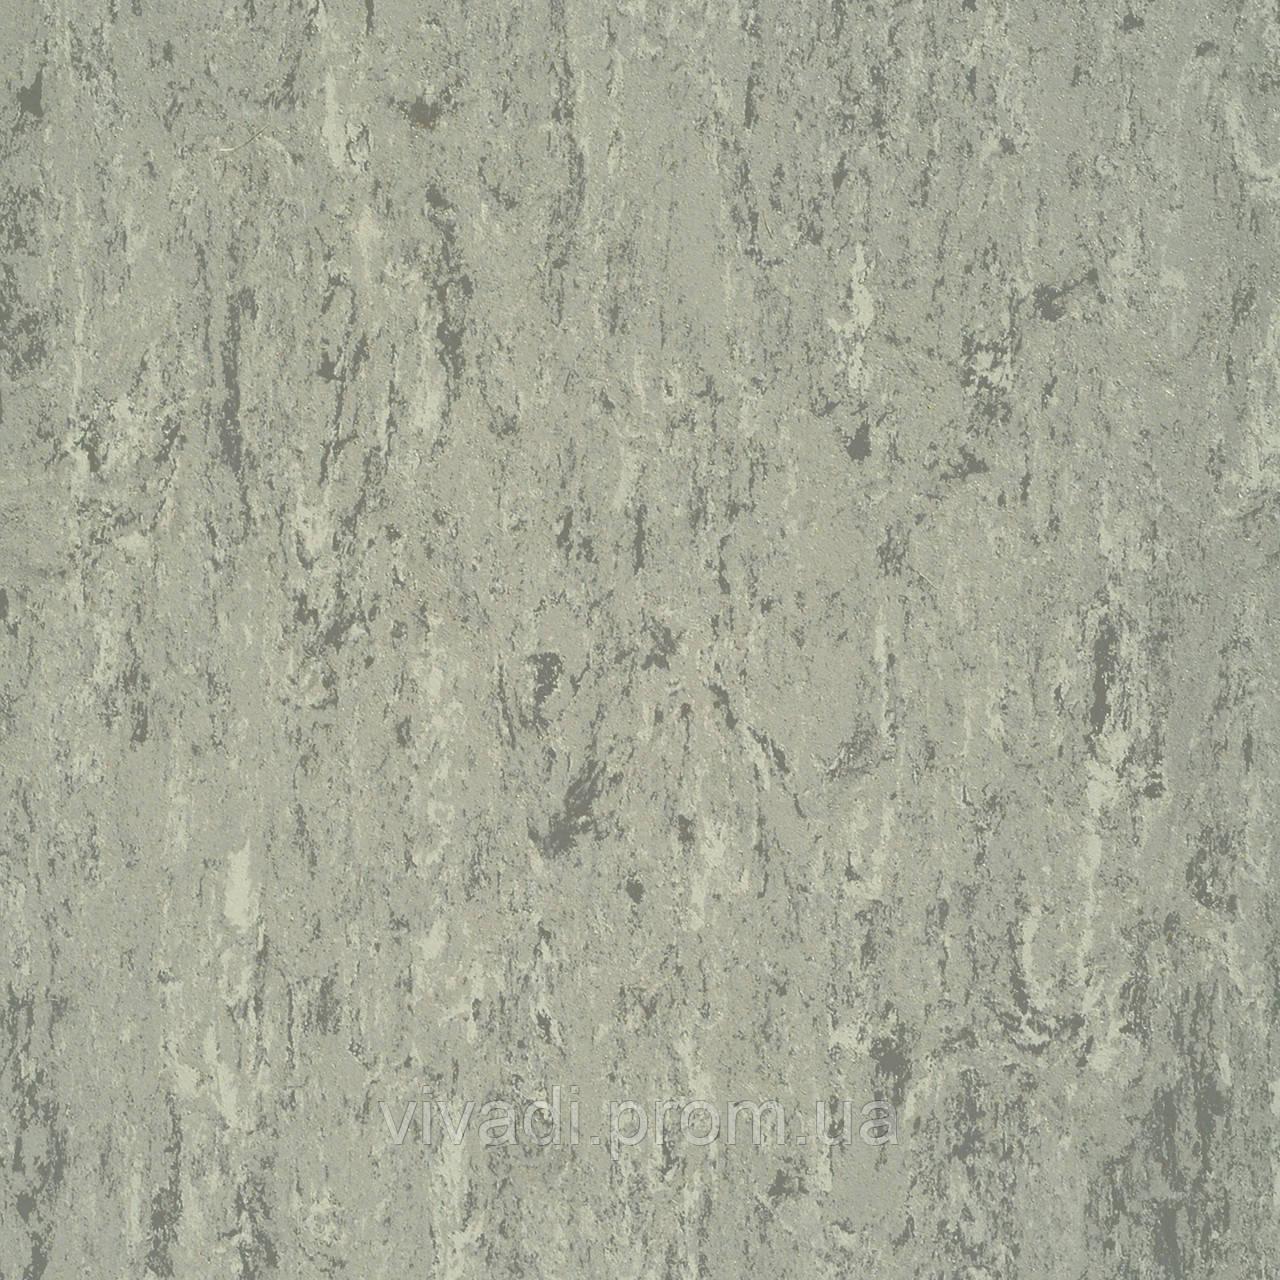 Натуральний лінолеум Linodur LPX - колір 151-056